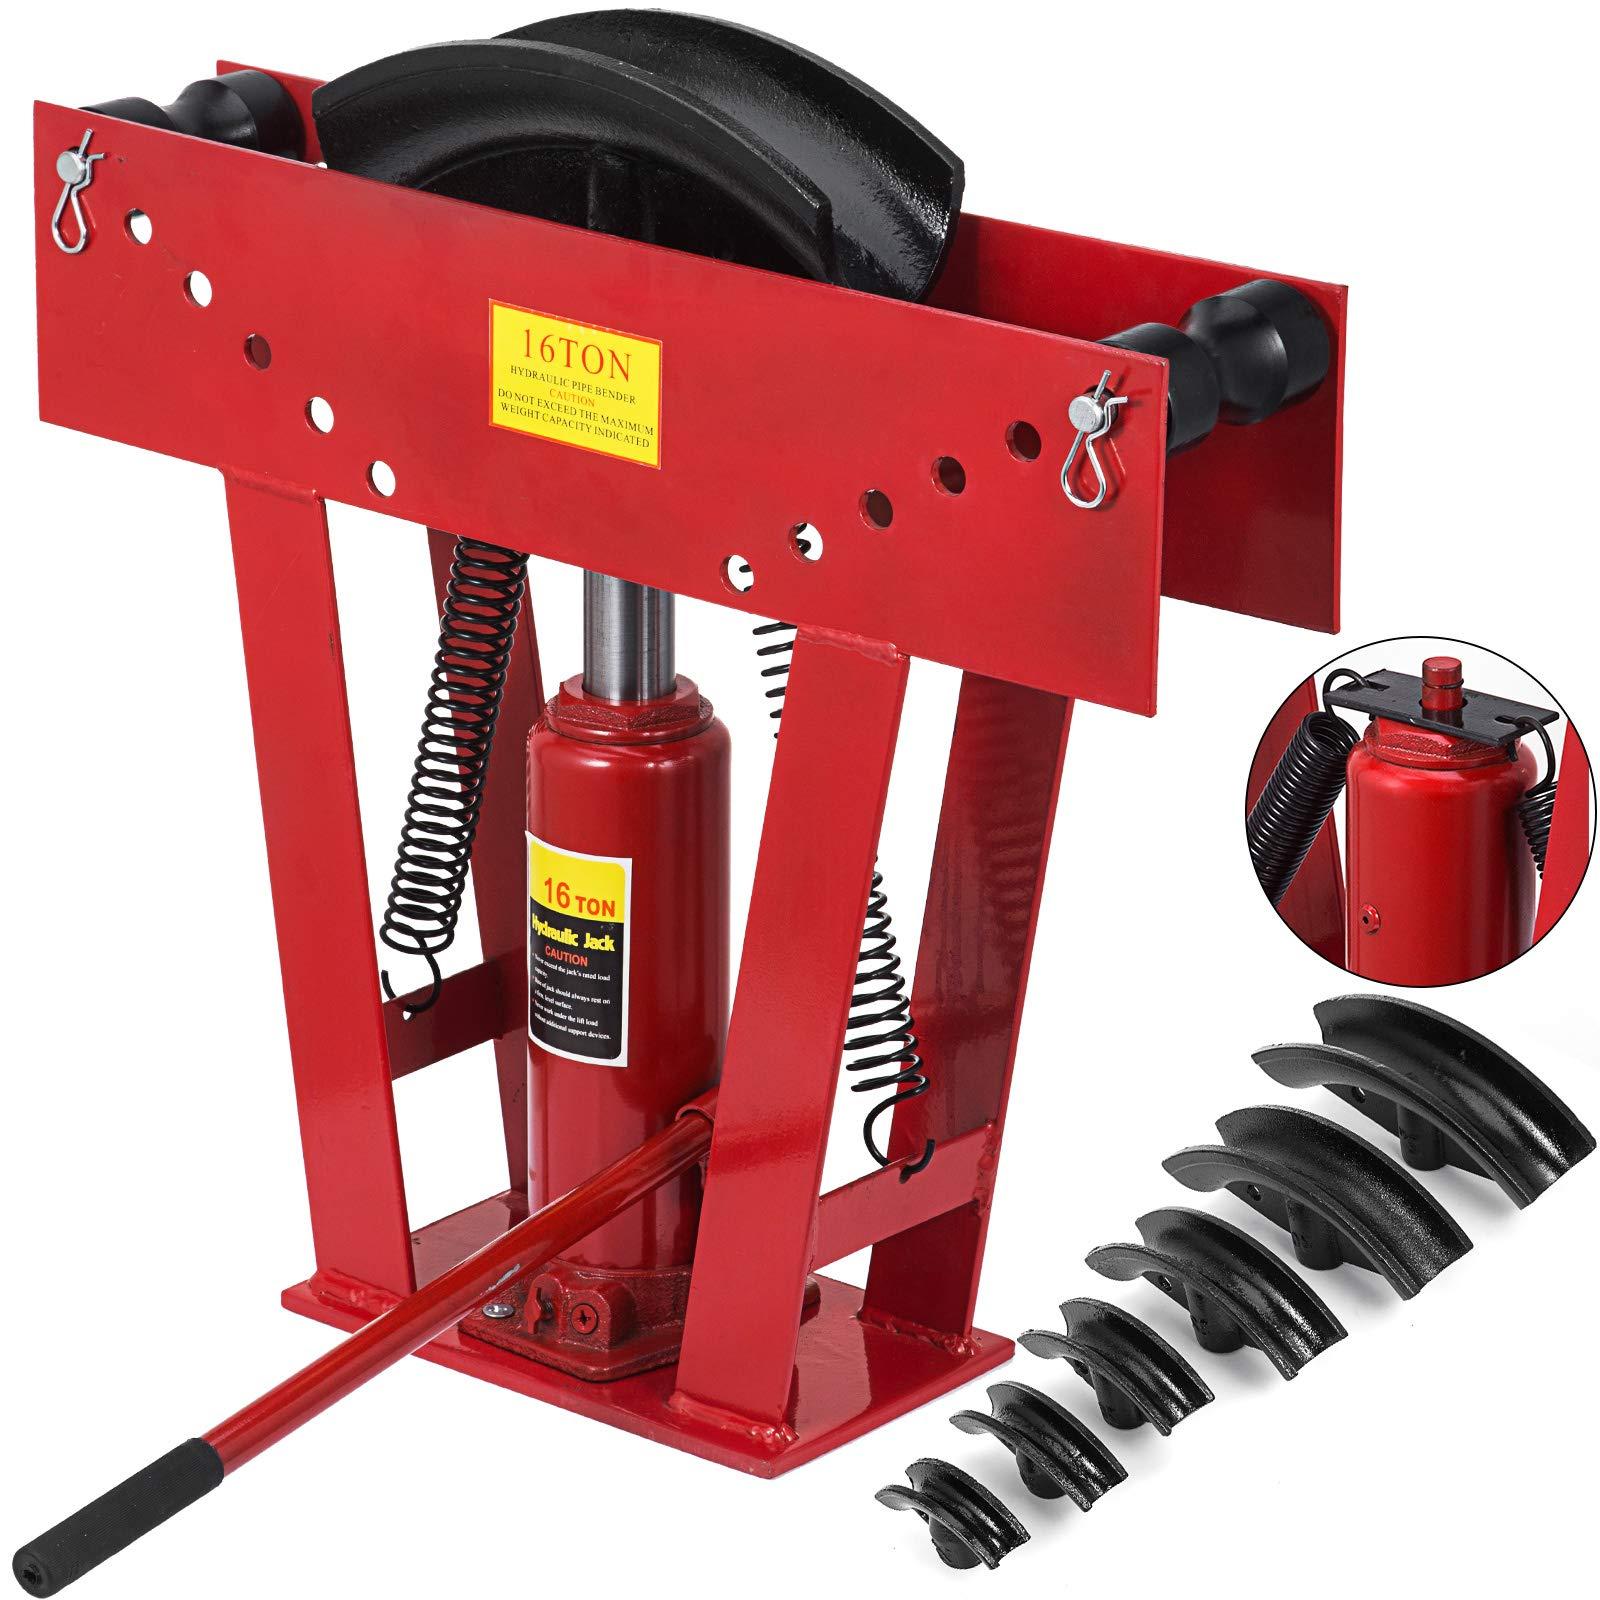 Happybuy 16 Ton Exhaust Tubing Bender 1/2 Inch Square Hydraulic Hand Pump Tubing Bender Stroke 130 mm Pipe Bending Tool Steel Pipe Bender W/ 6 Dies